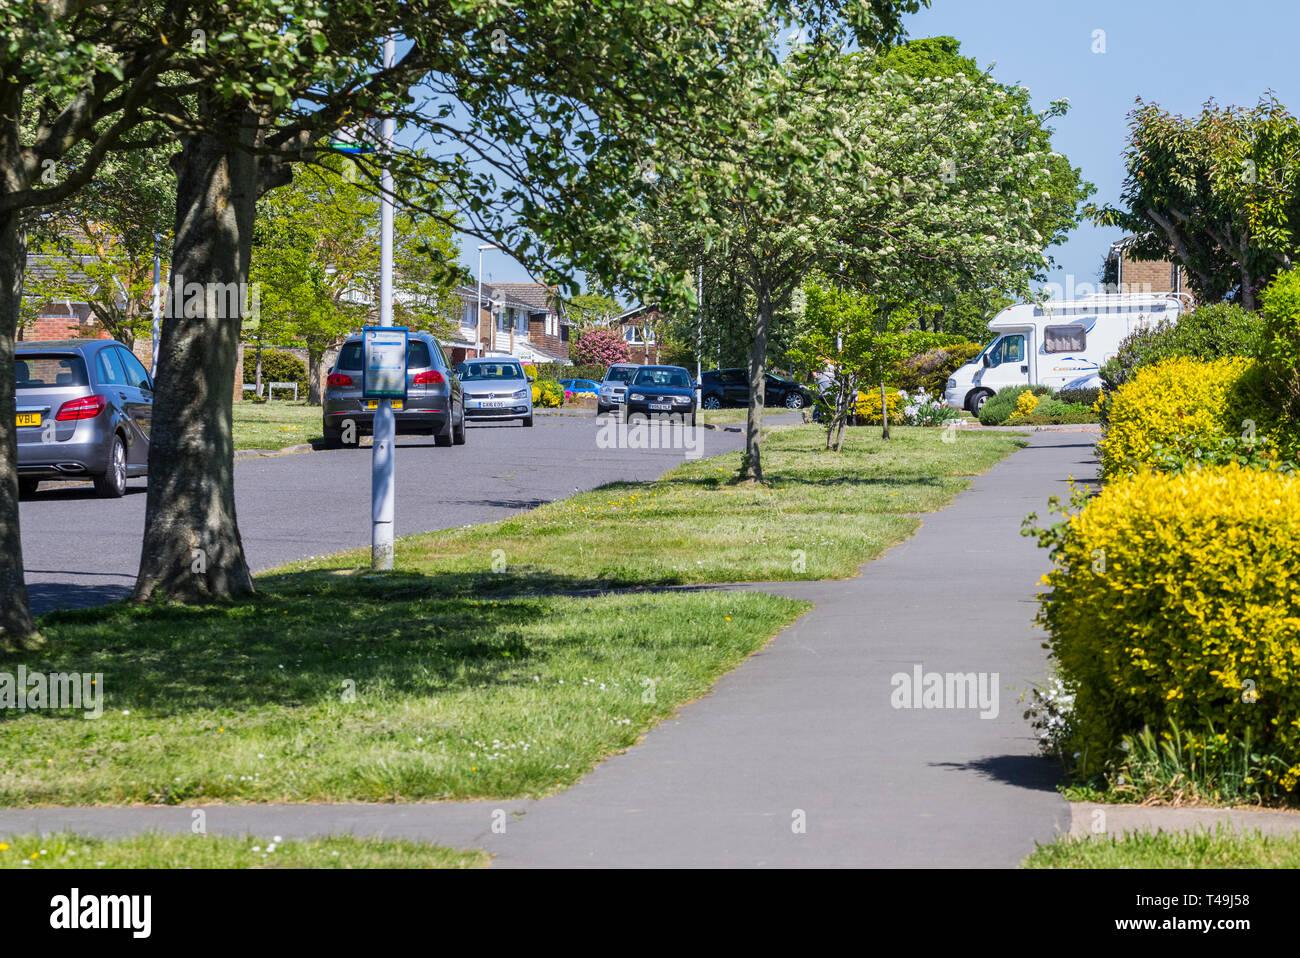 Pavimentazione e alberi da una banchina in una tranquilla area residenziale di Littlehampton, West Sussex, in Inghilterra, Regno Unito. Immagini Stock